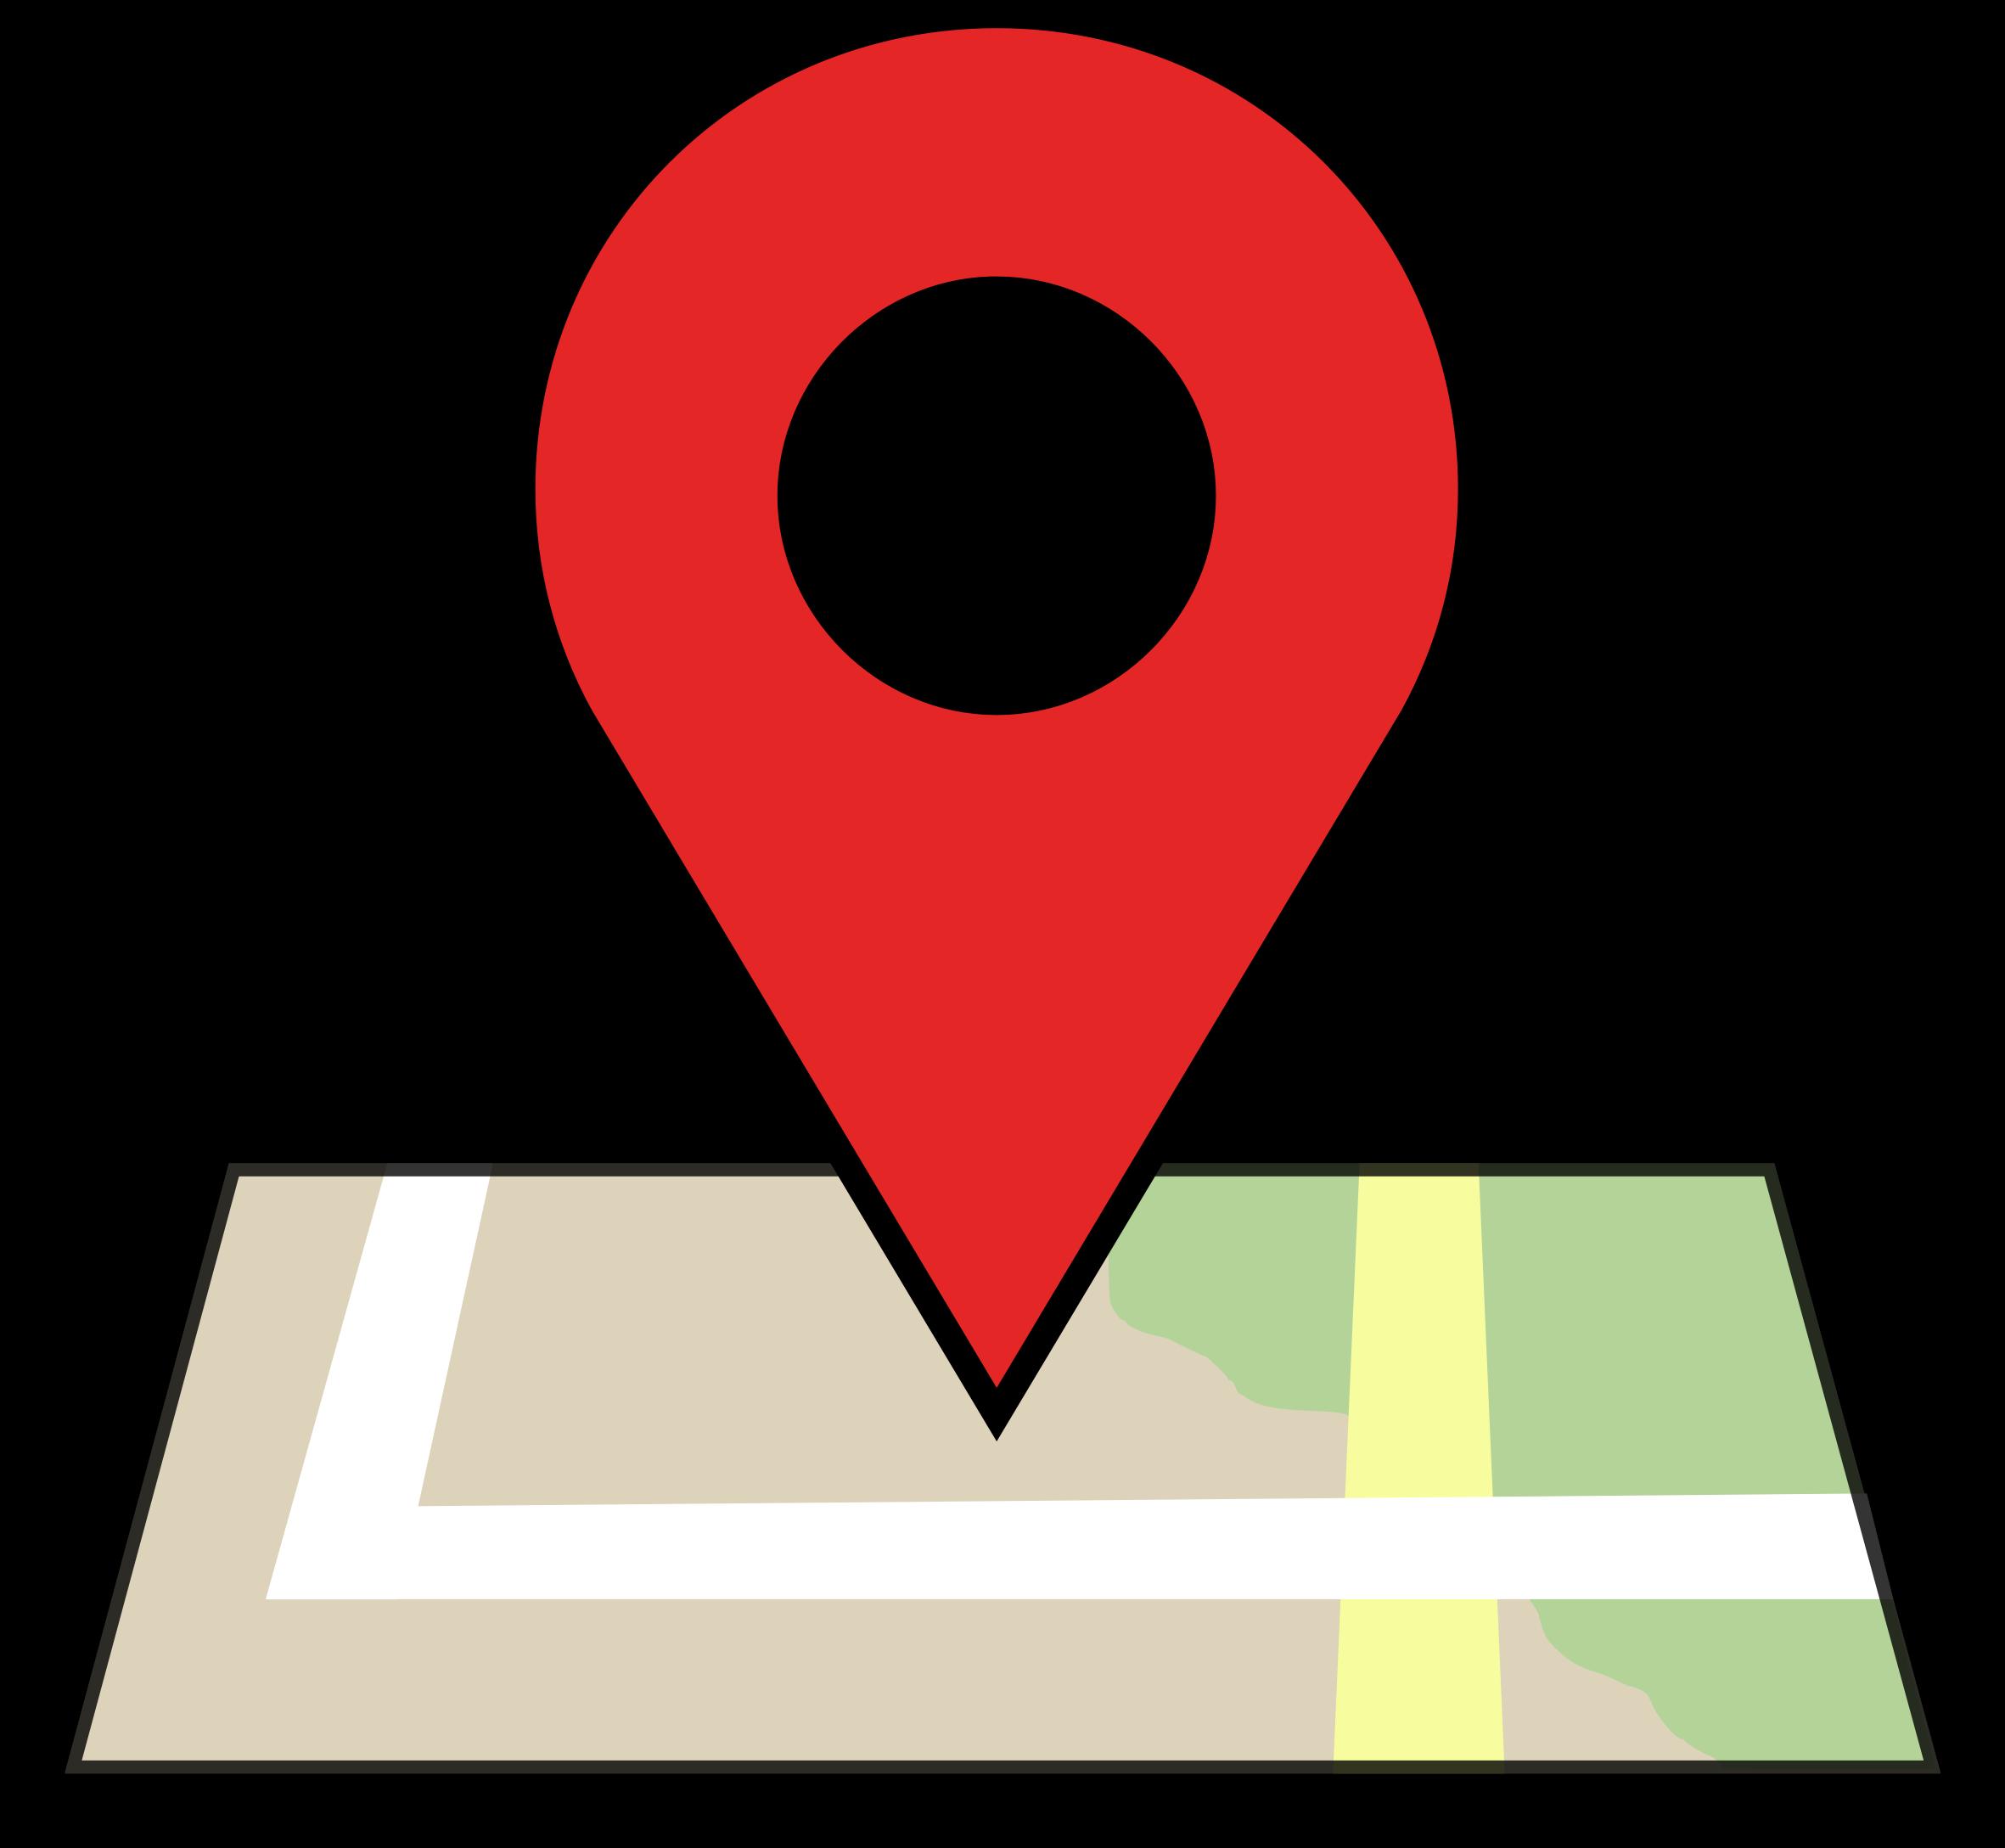 2362x2177 maps us map clip art image 0 2